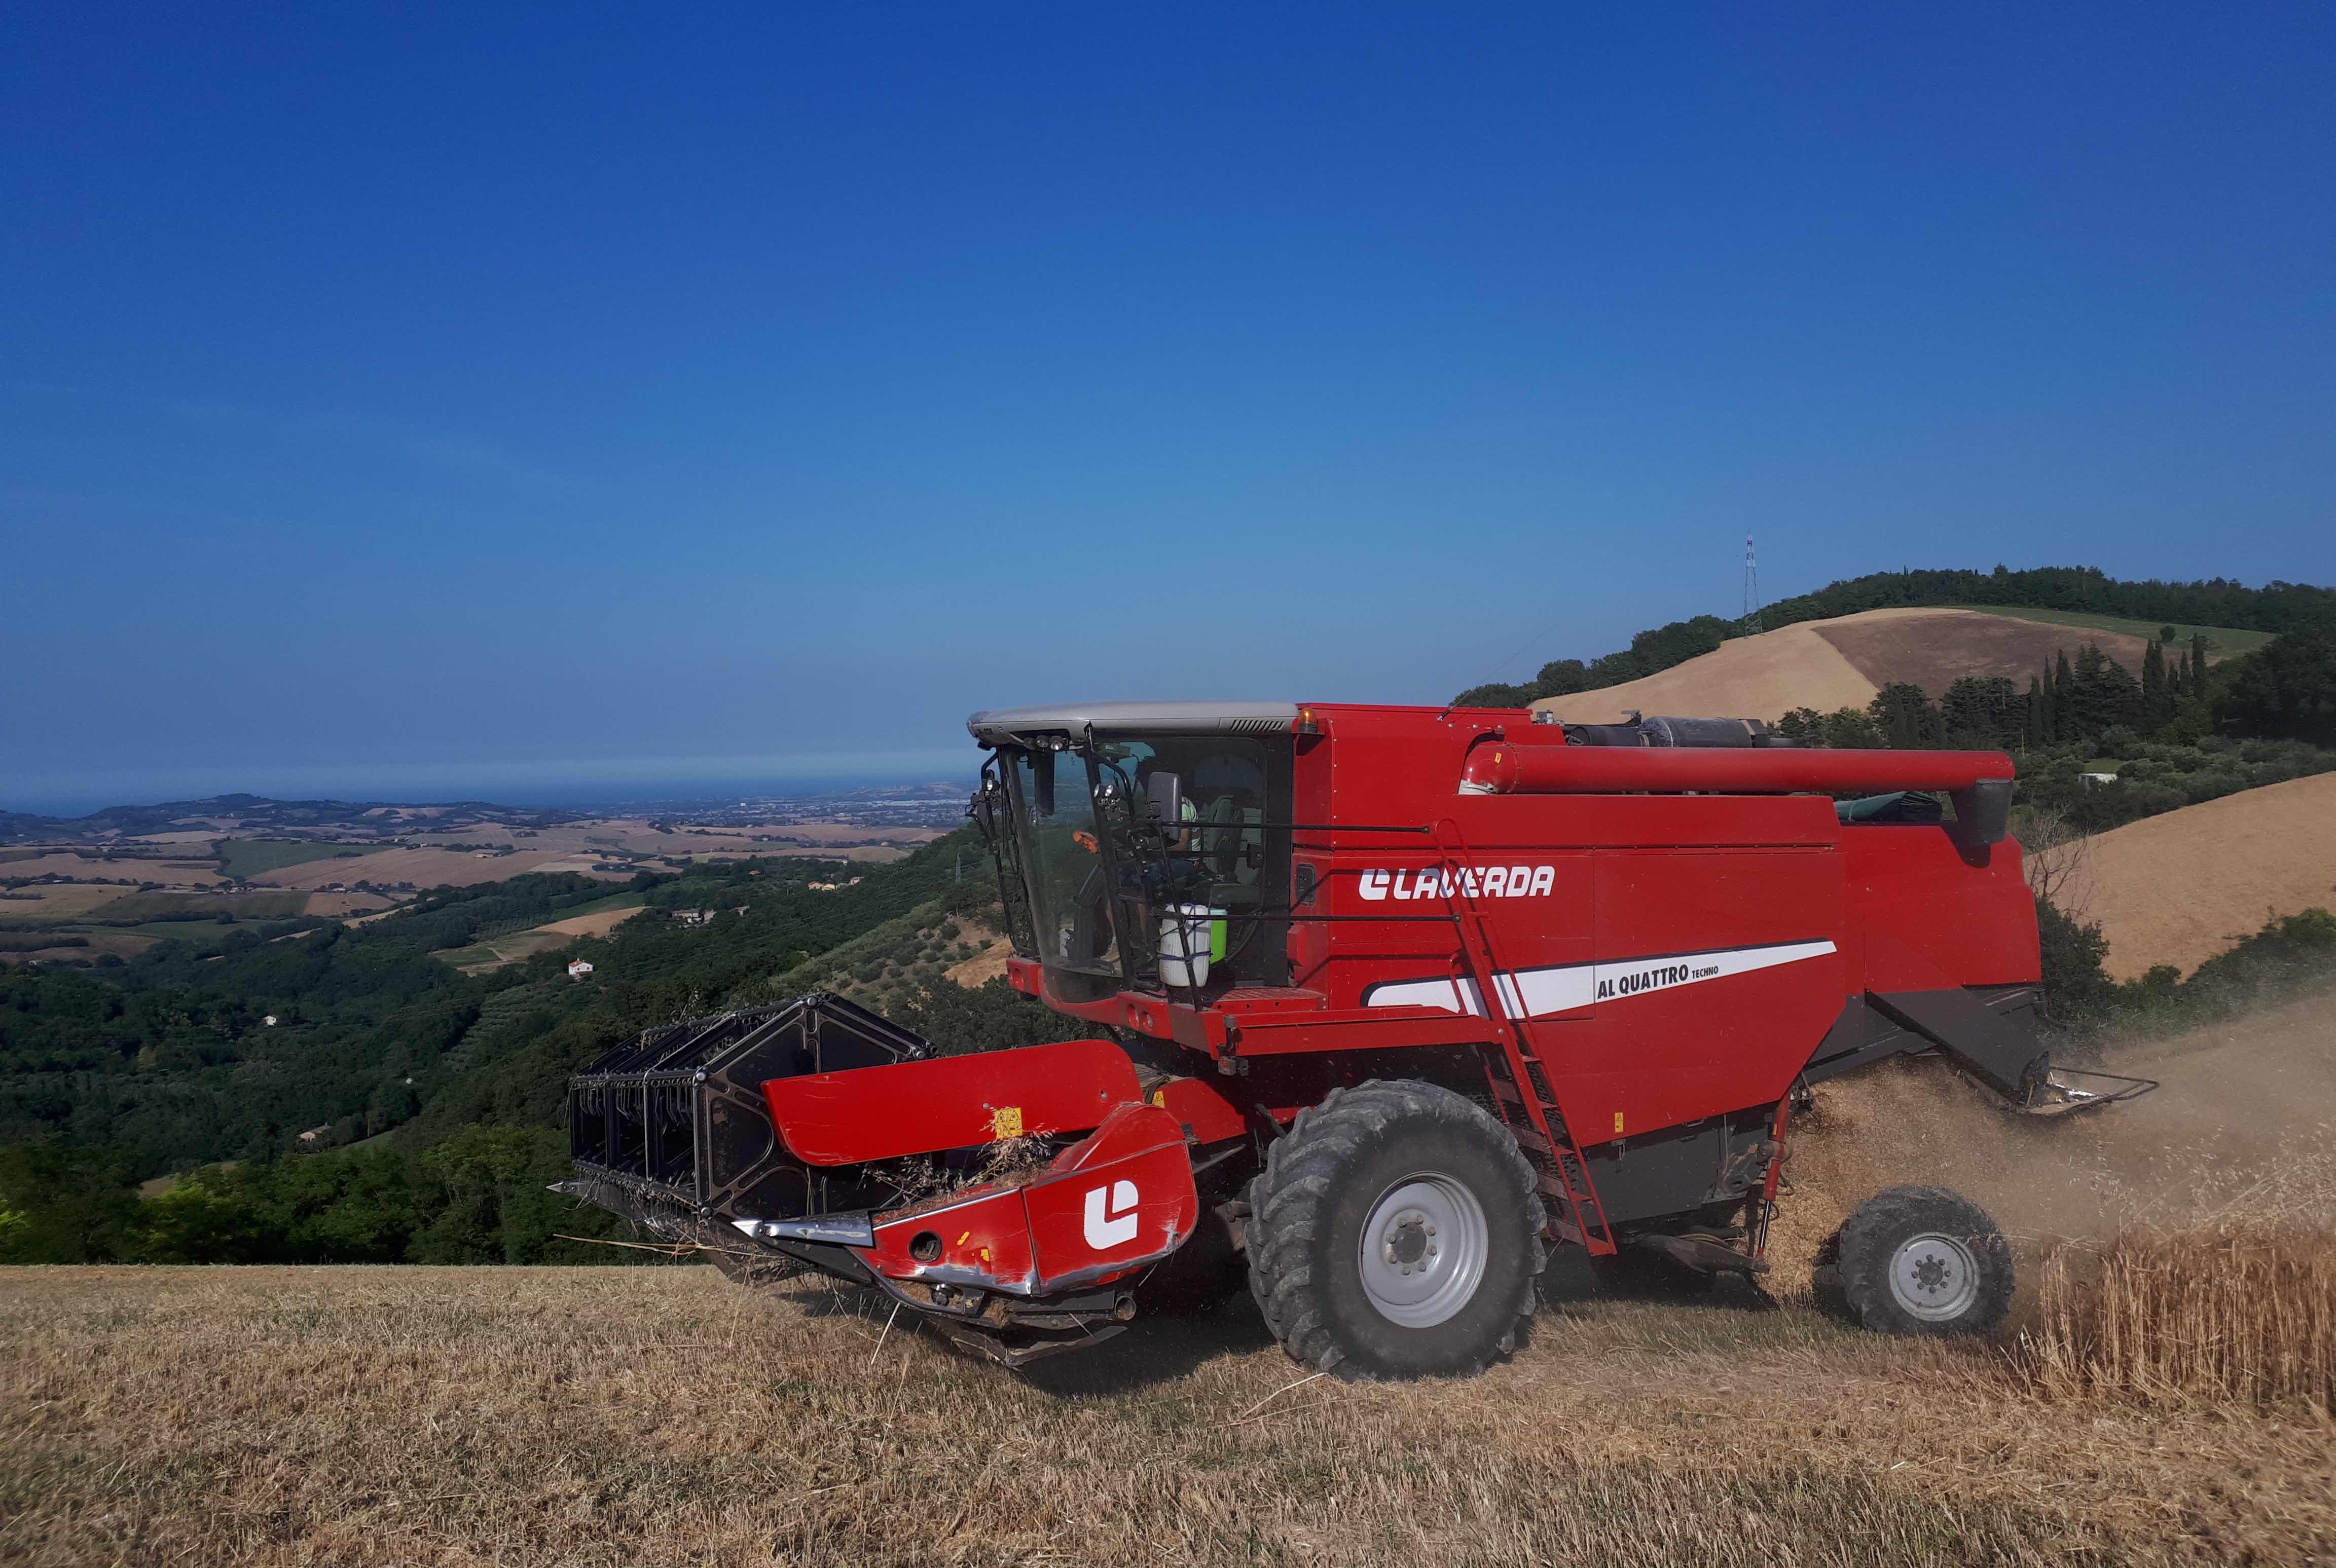 Maxi carico di grano canadese sbarcato in Sicilia, la solita beffa di mezza estate